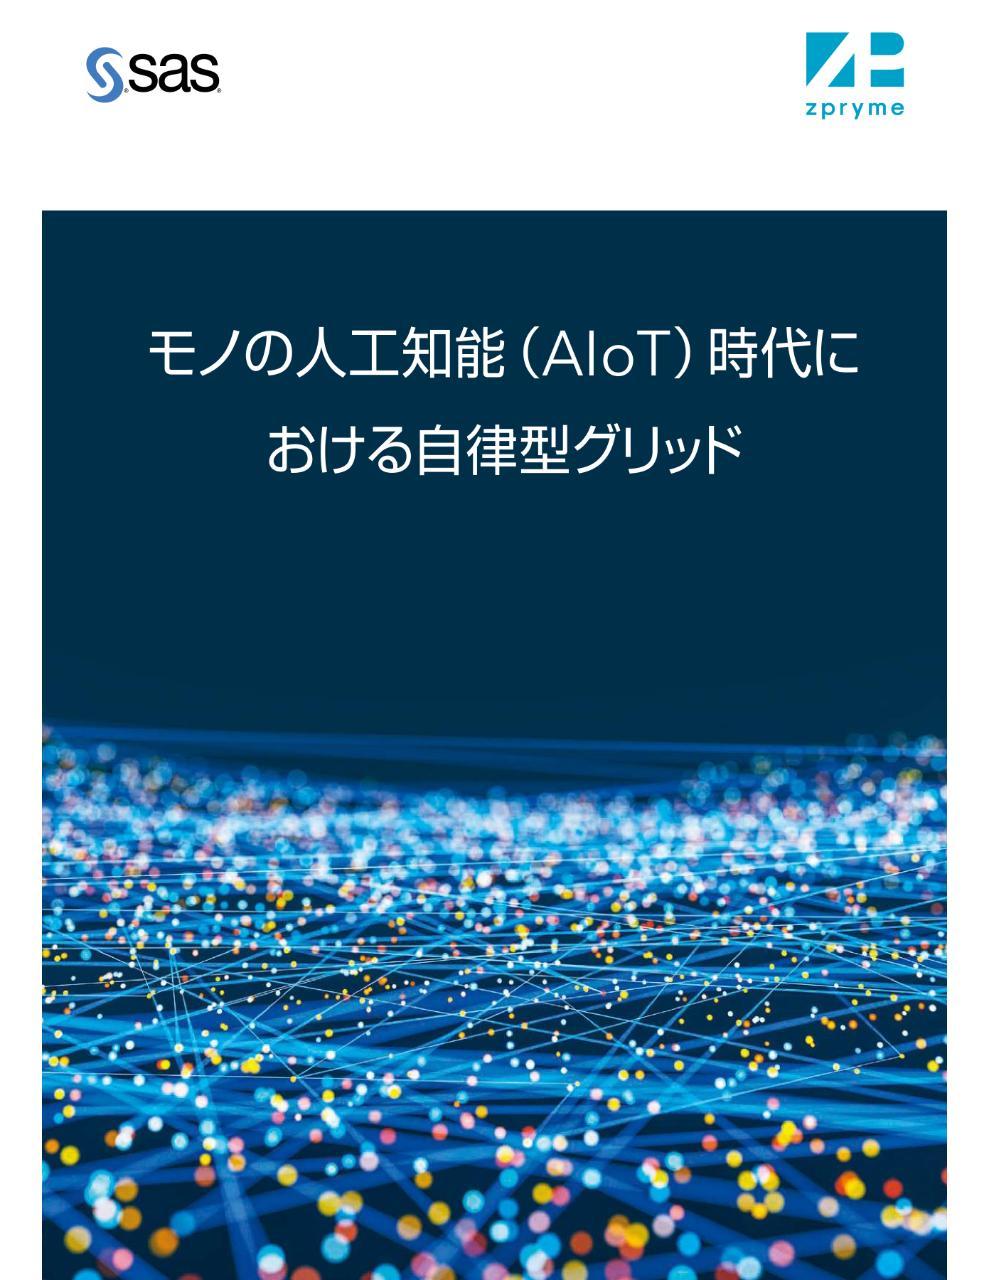 モノの人工知能(AIoT)時代における自律型グリッド